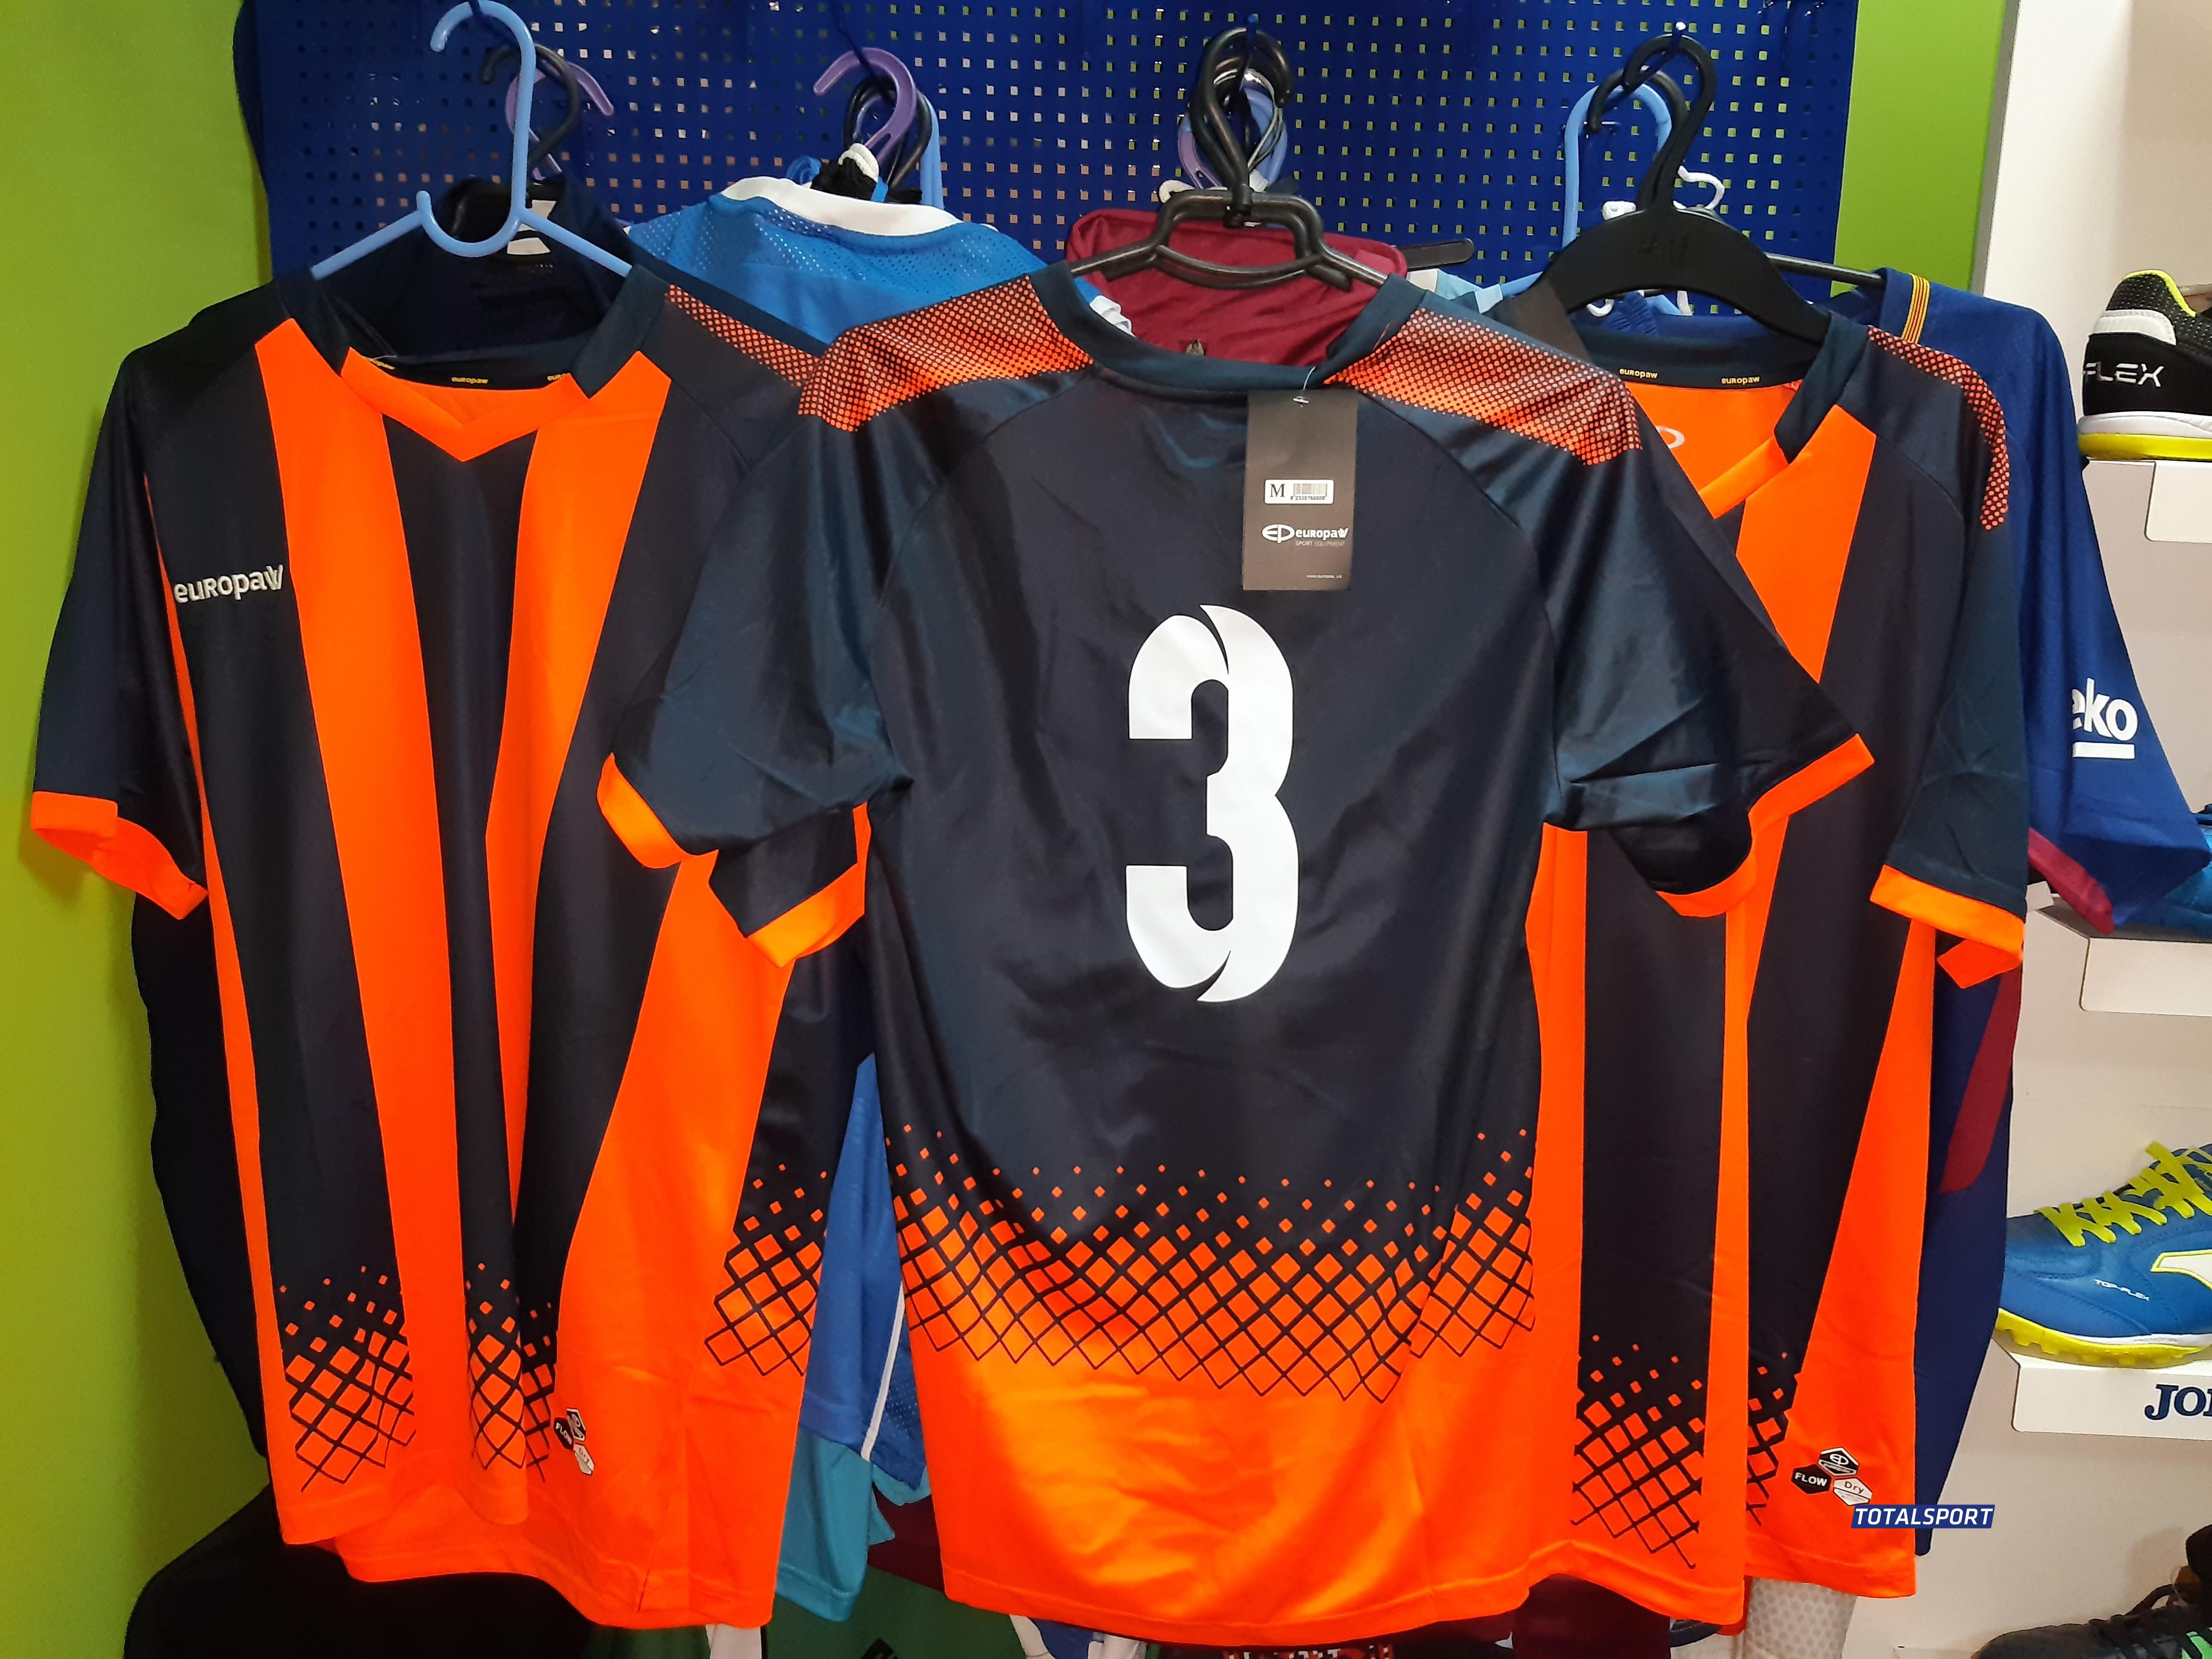 футбольная форма Europaw сине-оранжевая с номерами